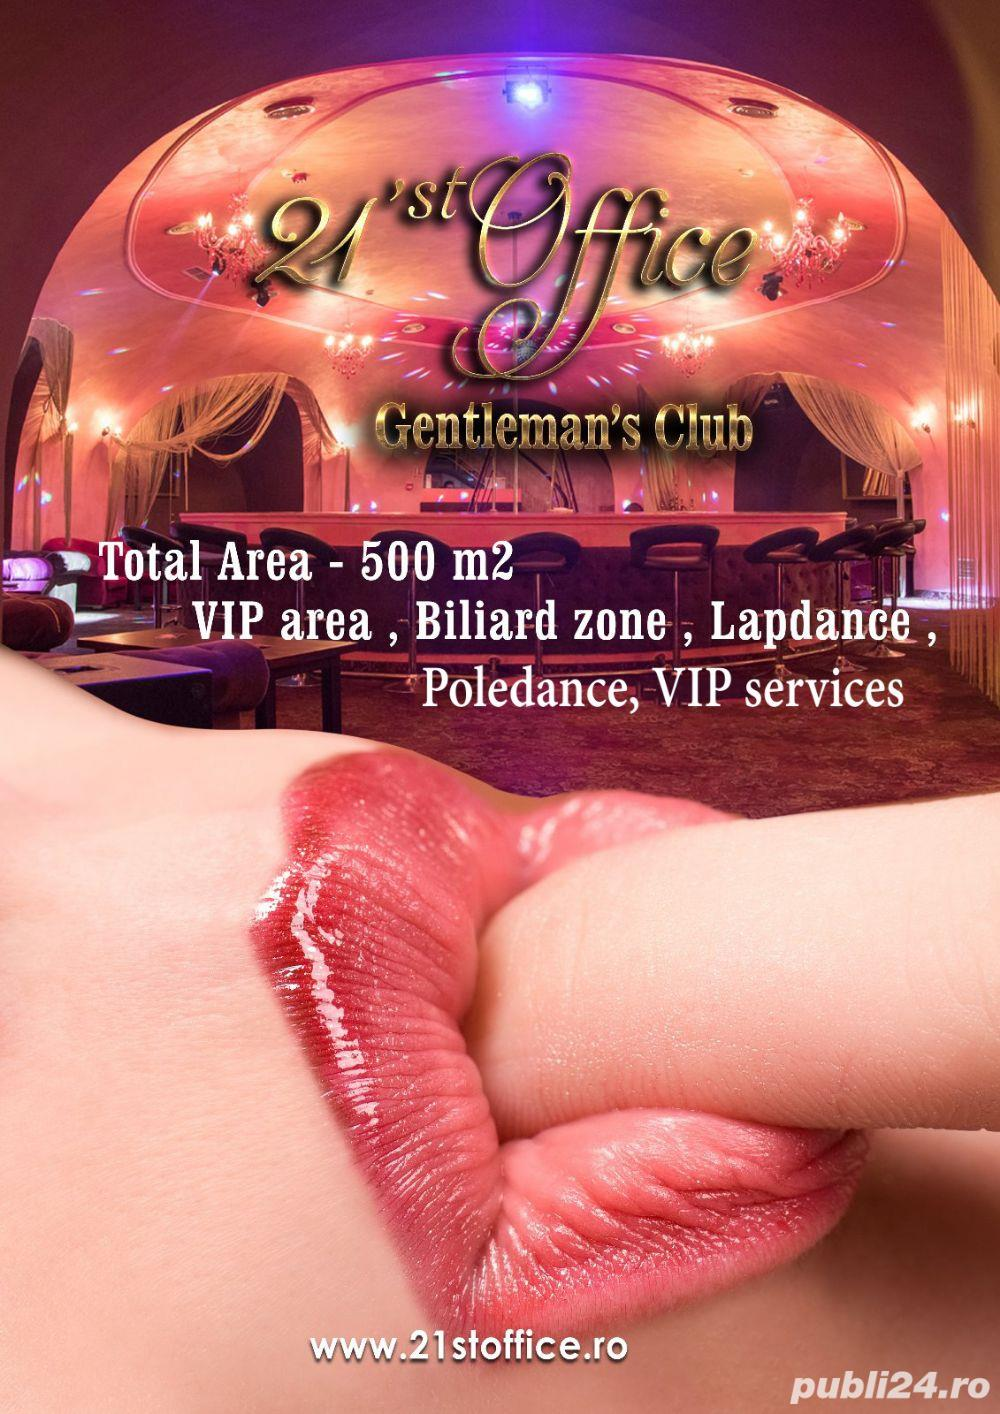 Club privat din Bucuresti angajeaza dansatoare si hostess, cu sau fara experienta